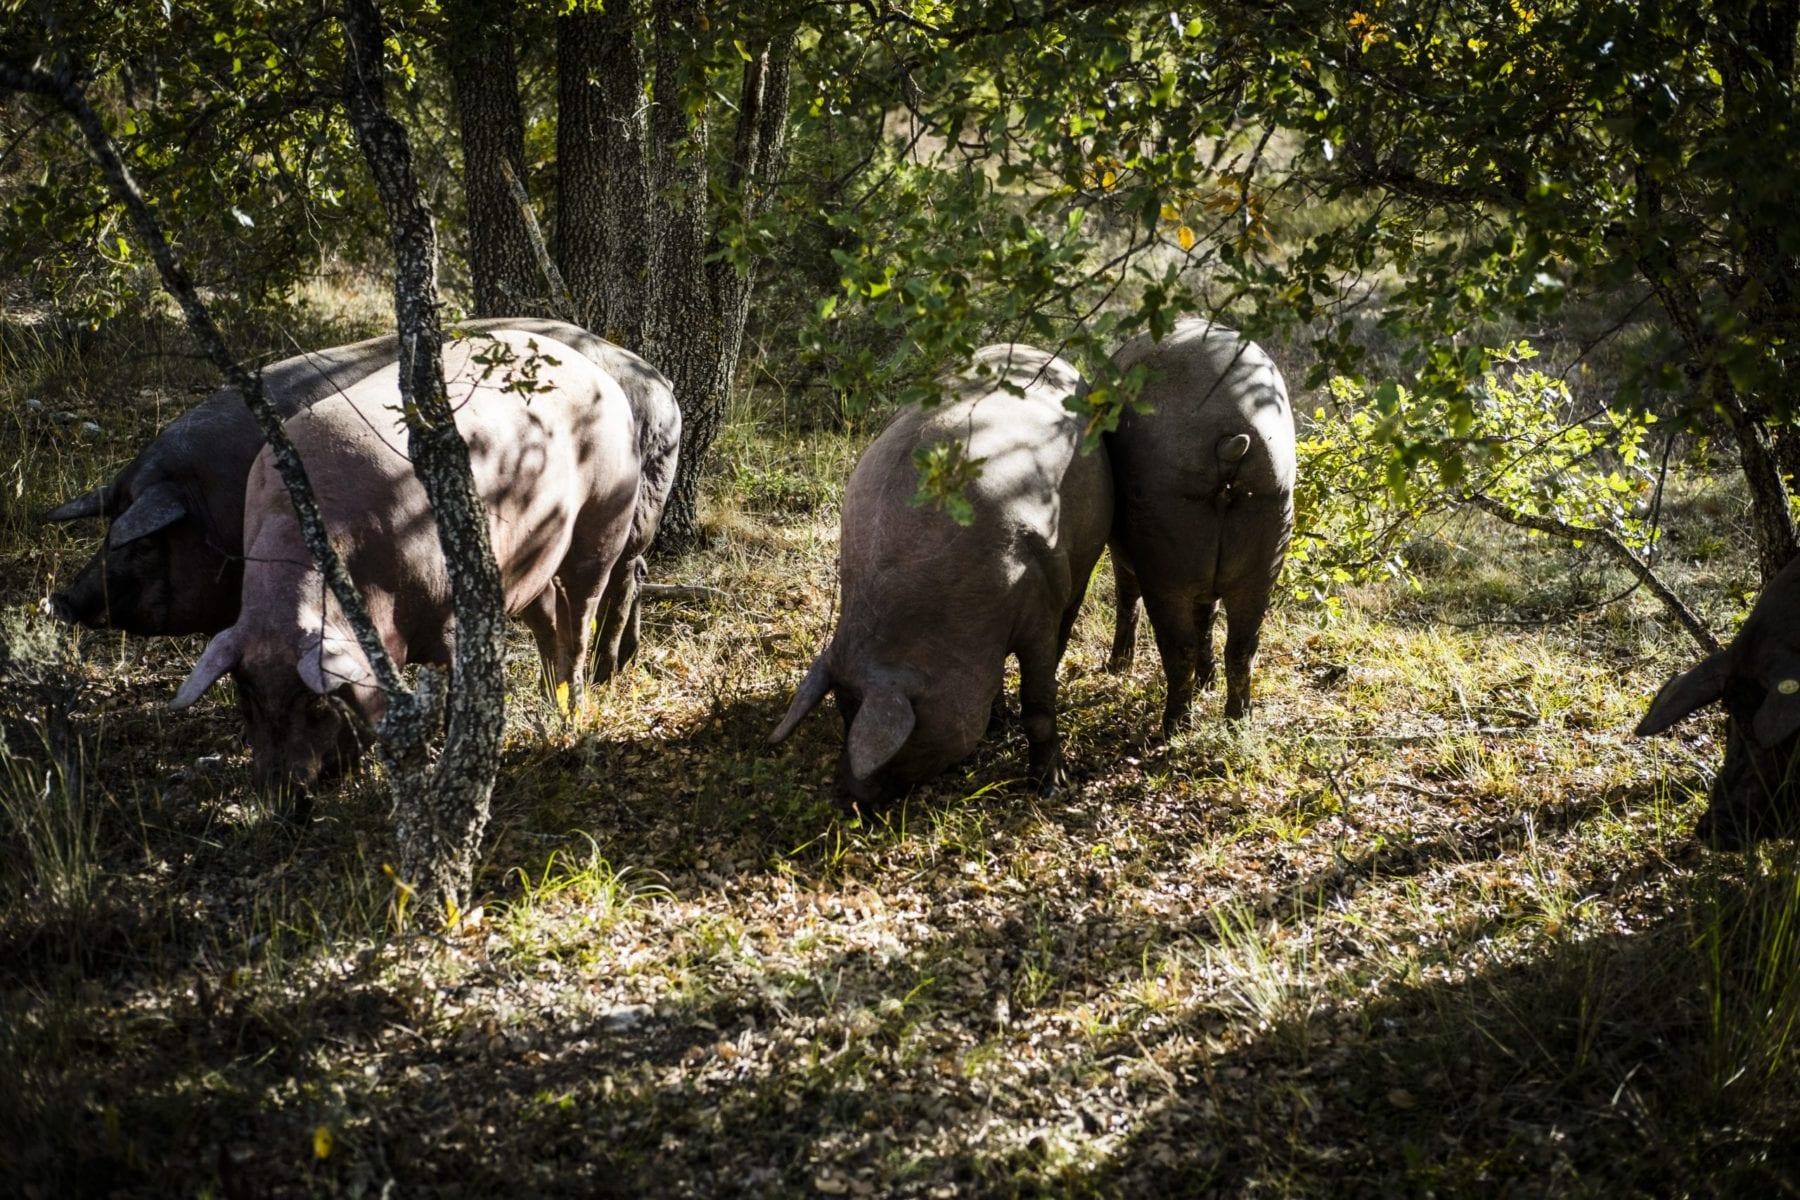 bienestar animal en cerdos Rodríguez Sacristán